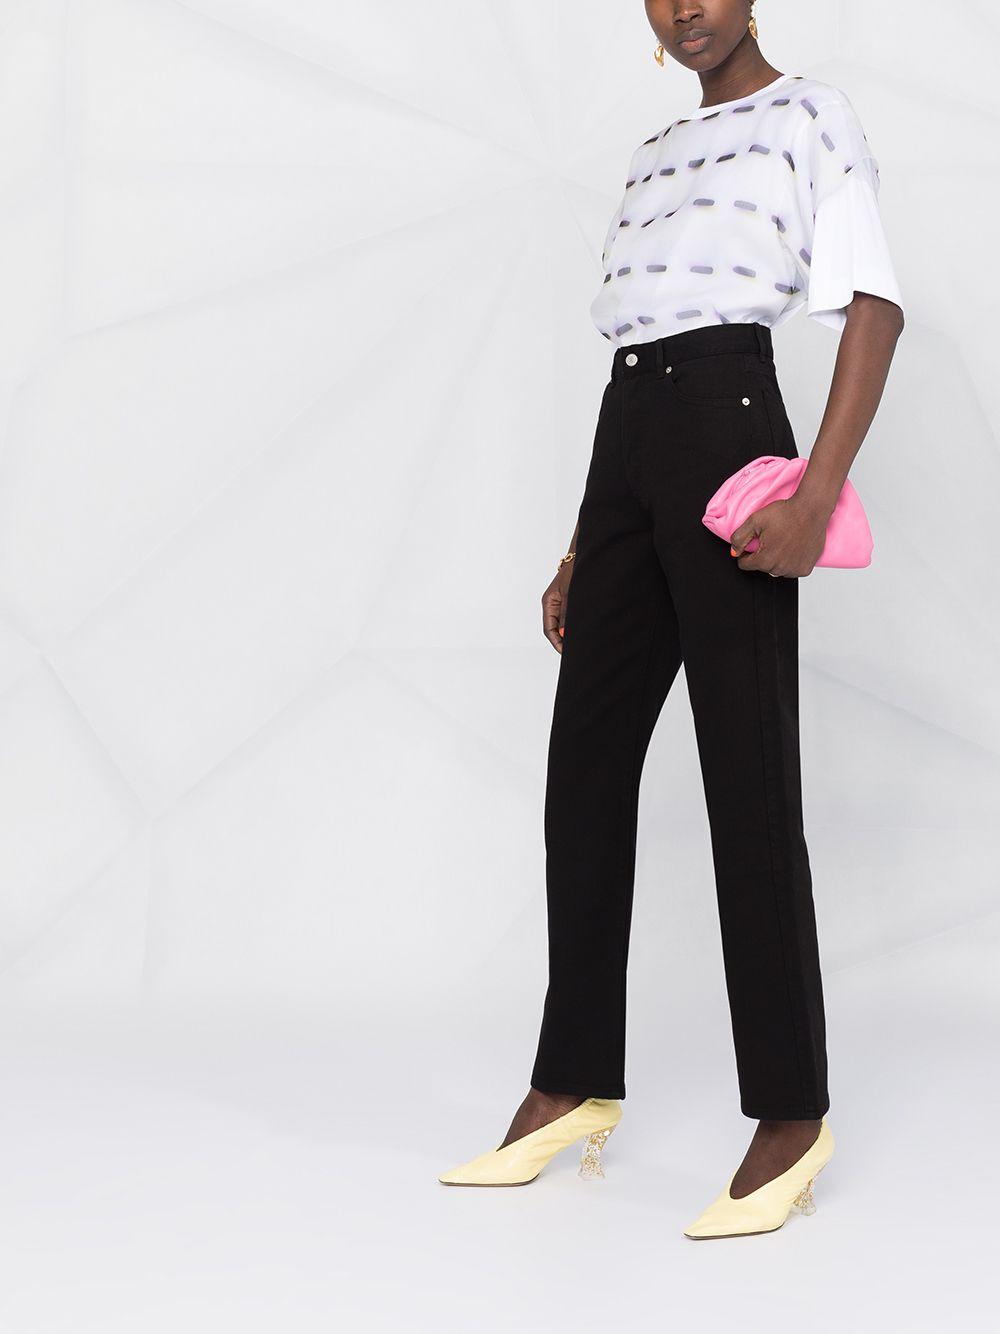 DRIES VAN NOTEN DRIES VAN NOTEN | Jeans | 211124132378900